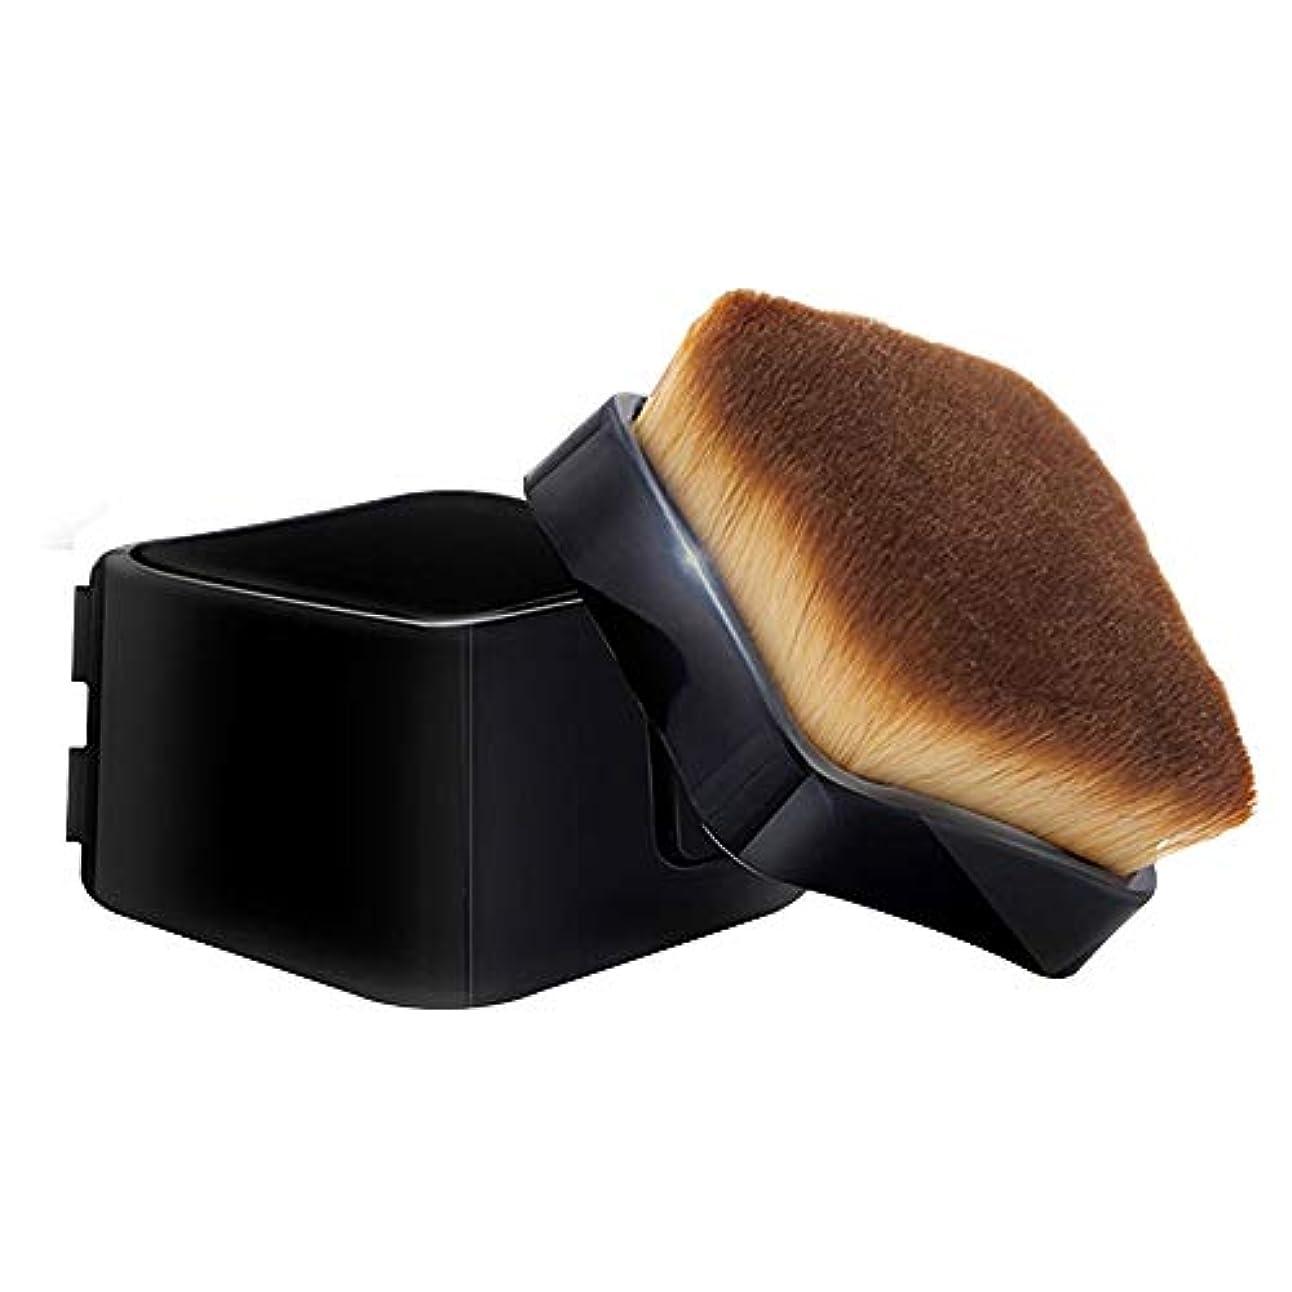 バック最大限大陸Esubara メイクブラシ ファンデーションブラシ 化粧筆 フェイスブラシ 柔らかい毛